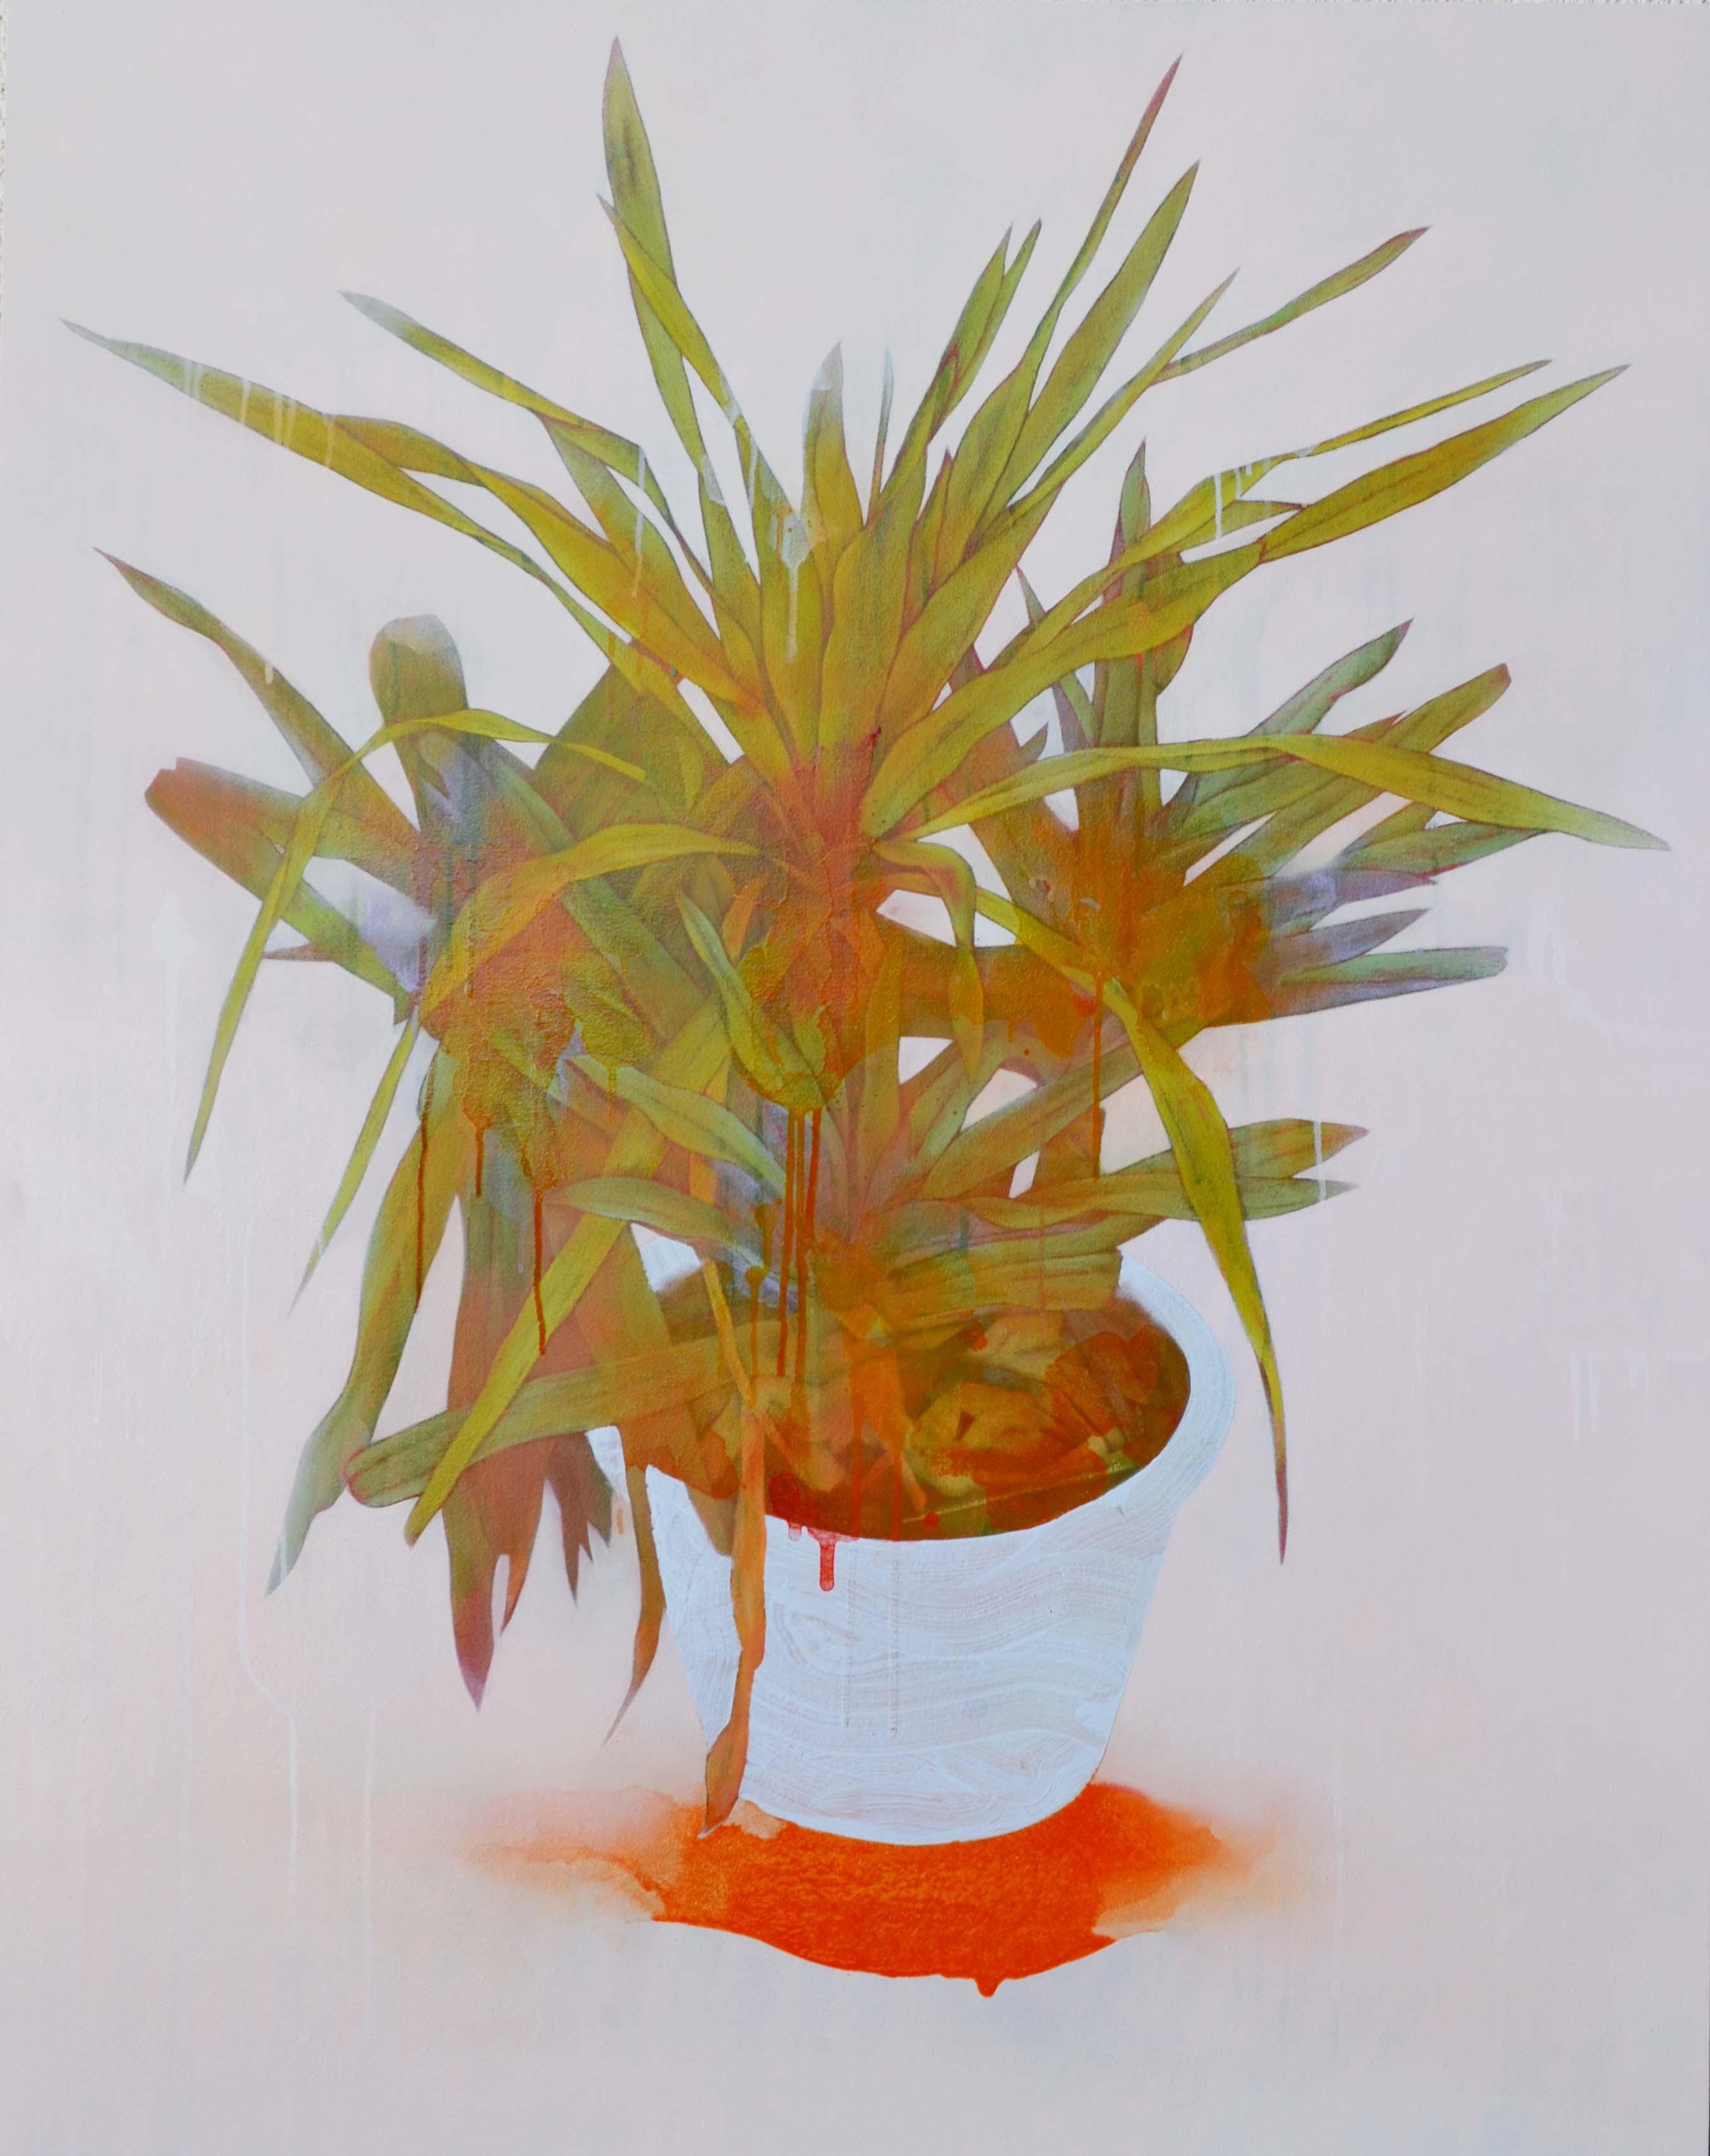 記憶の破片を拾い集めて…大矢加奈子個展「TRACE OF TIME」【今週のおすすめアート】